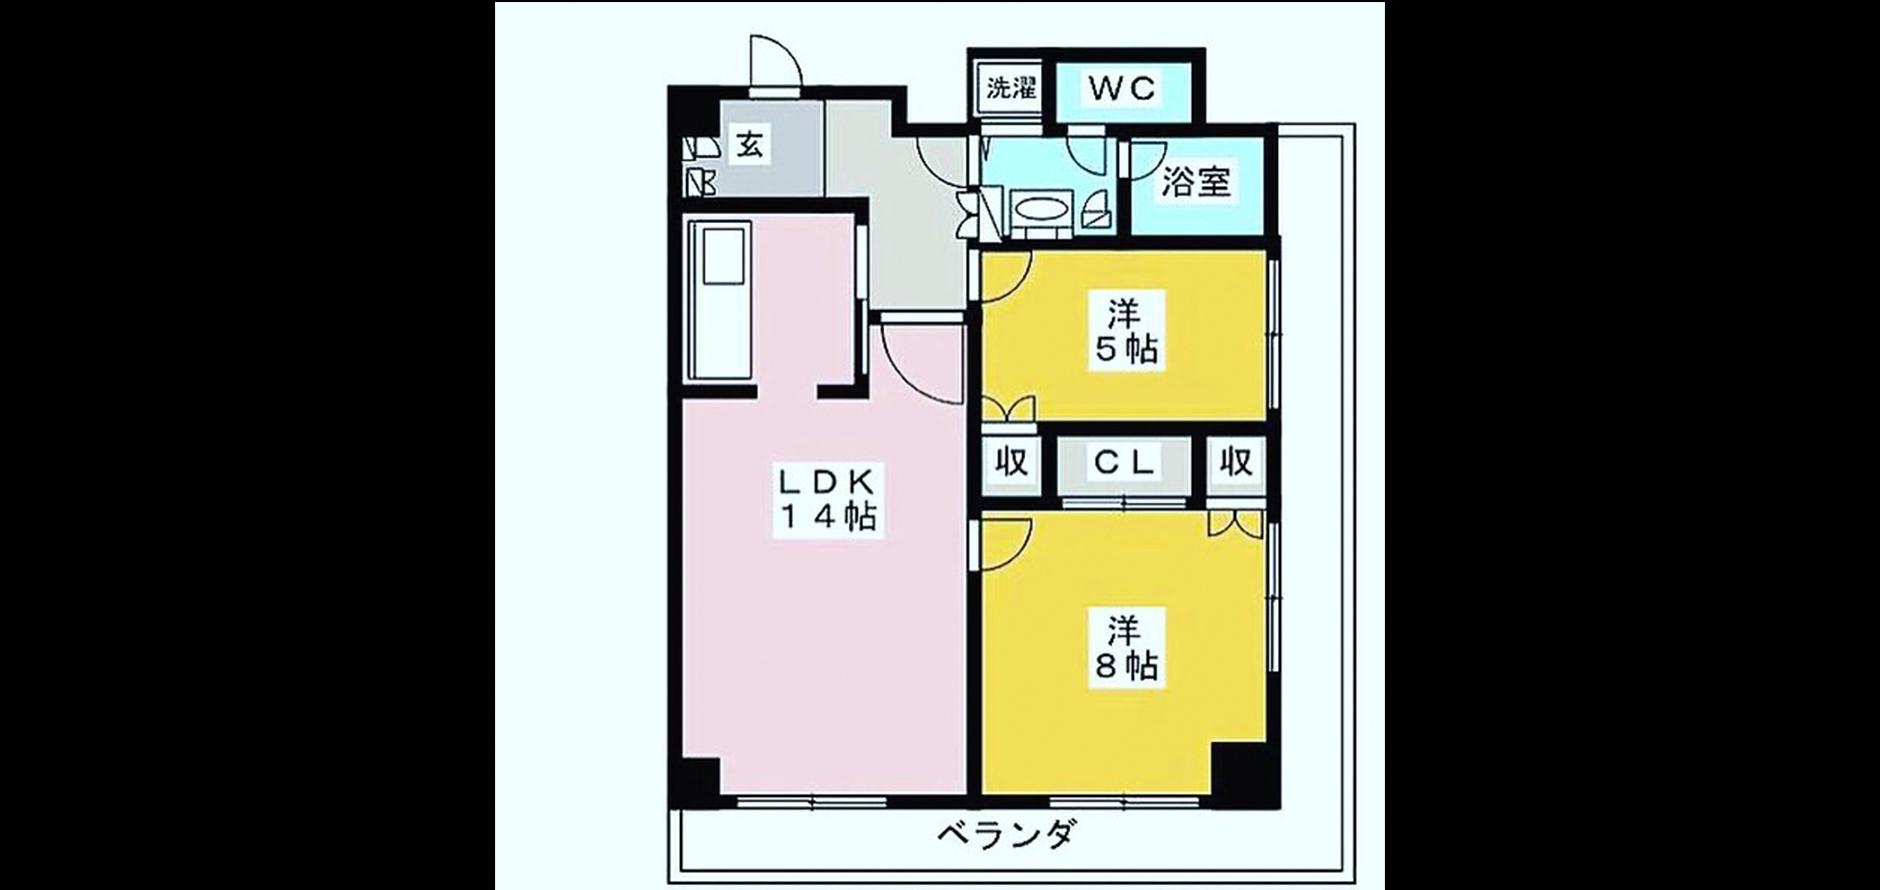 グランドメゾン池袋一番館 Floor Plan.jpg